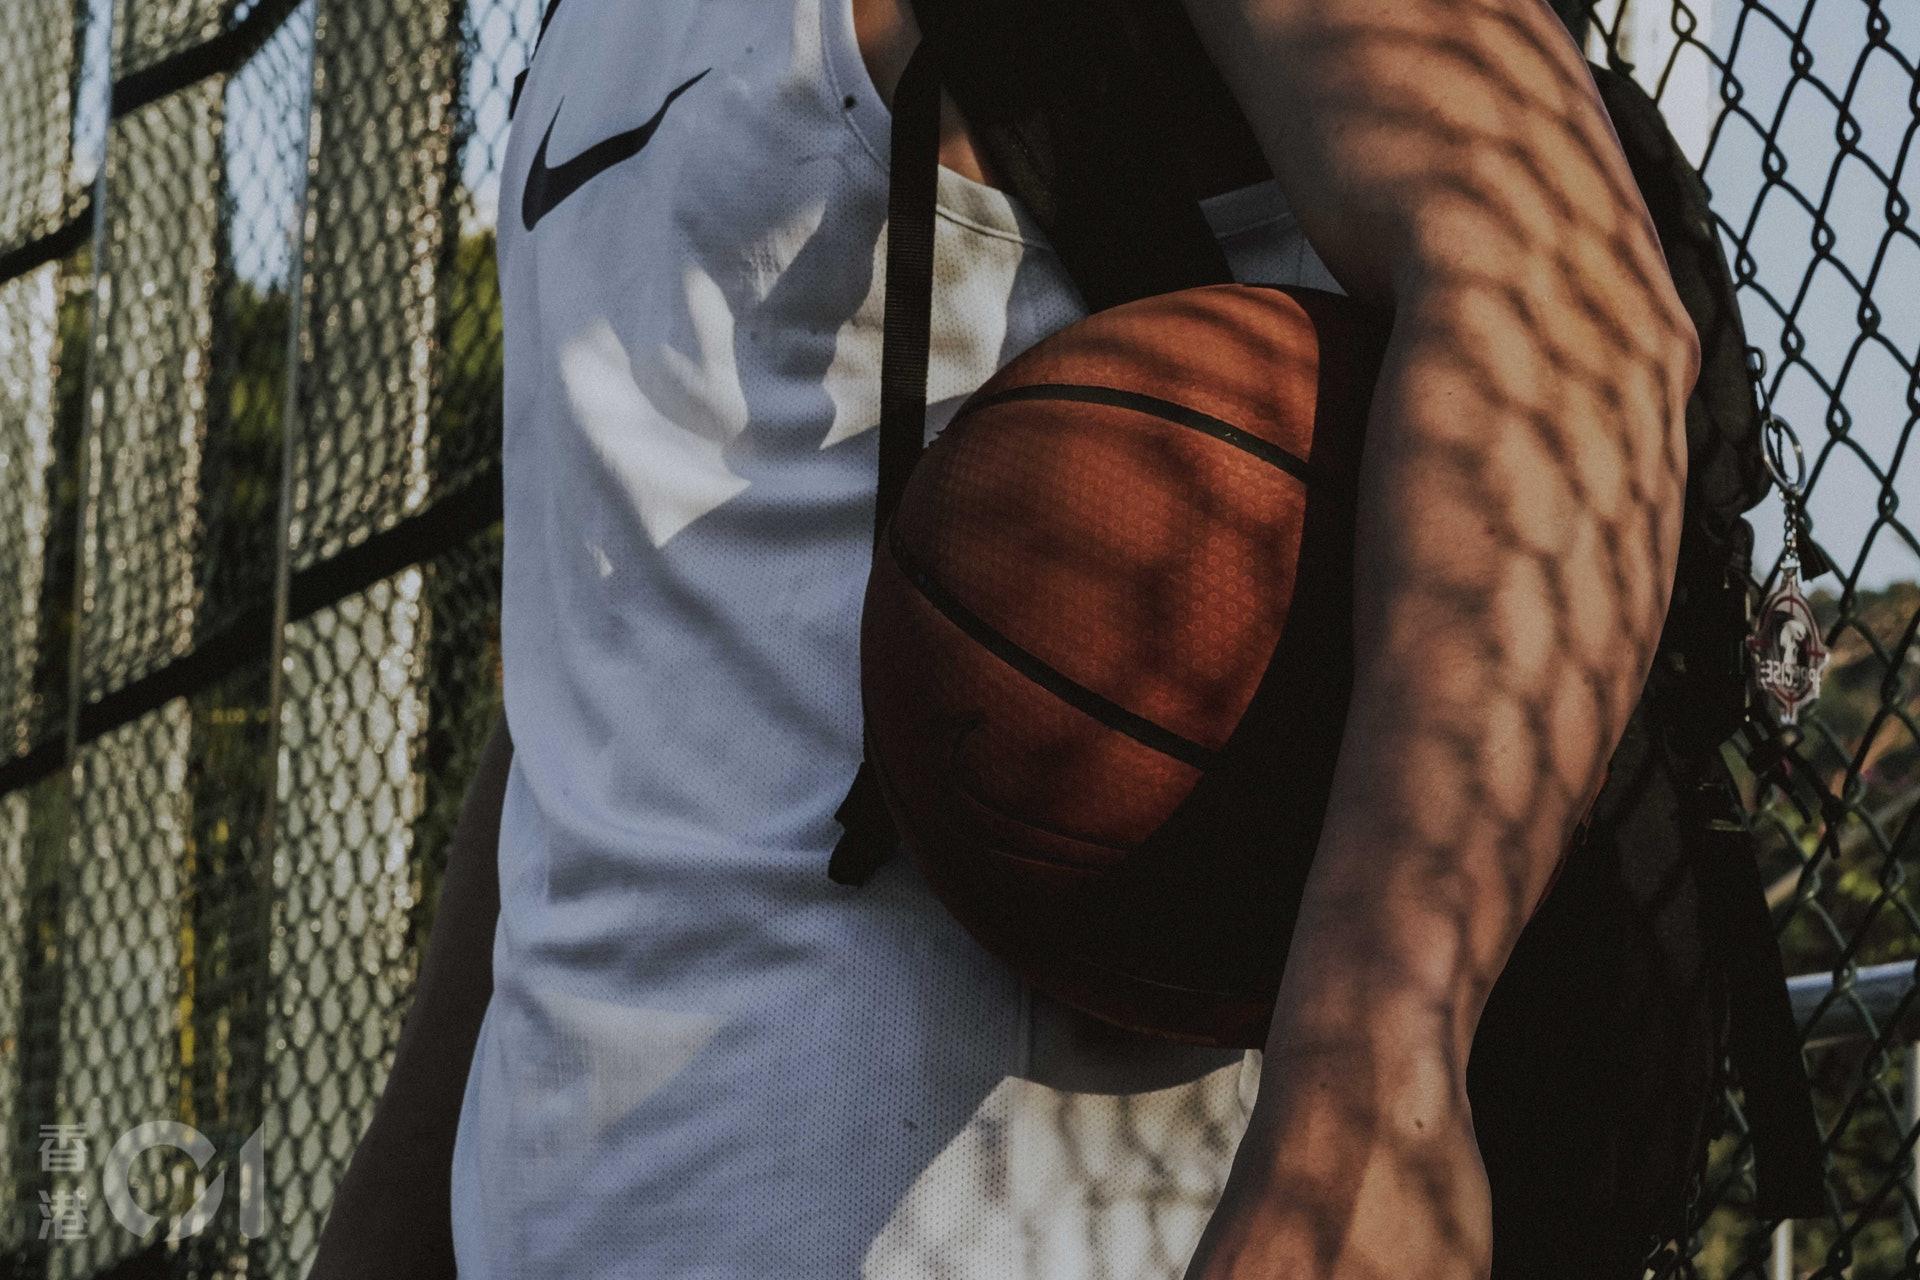 籃球架上的鎖,困住籃球人的牢。(張倩儀攝)